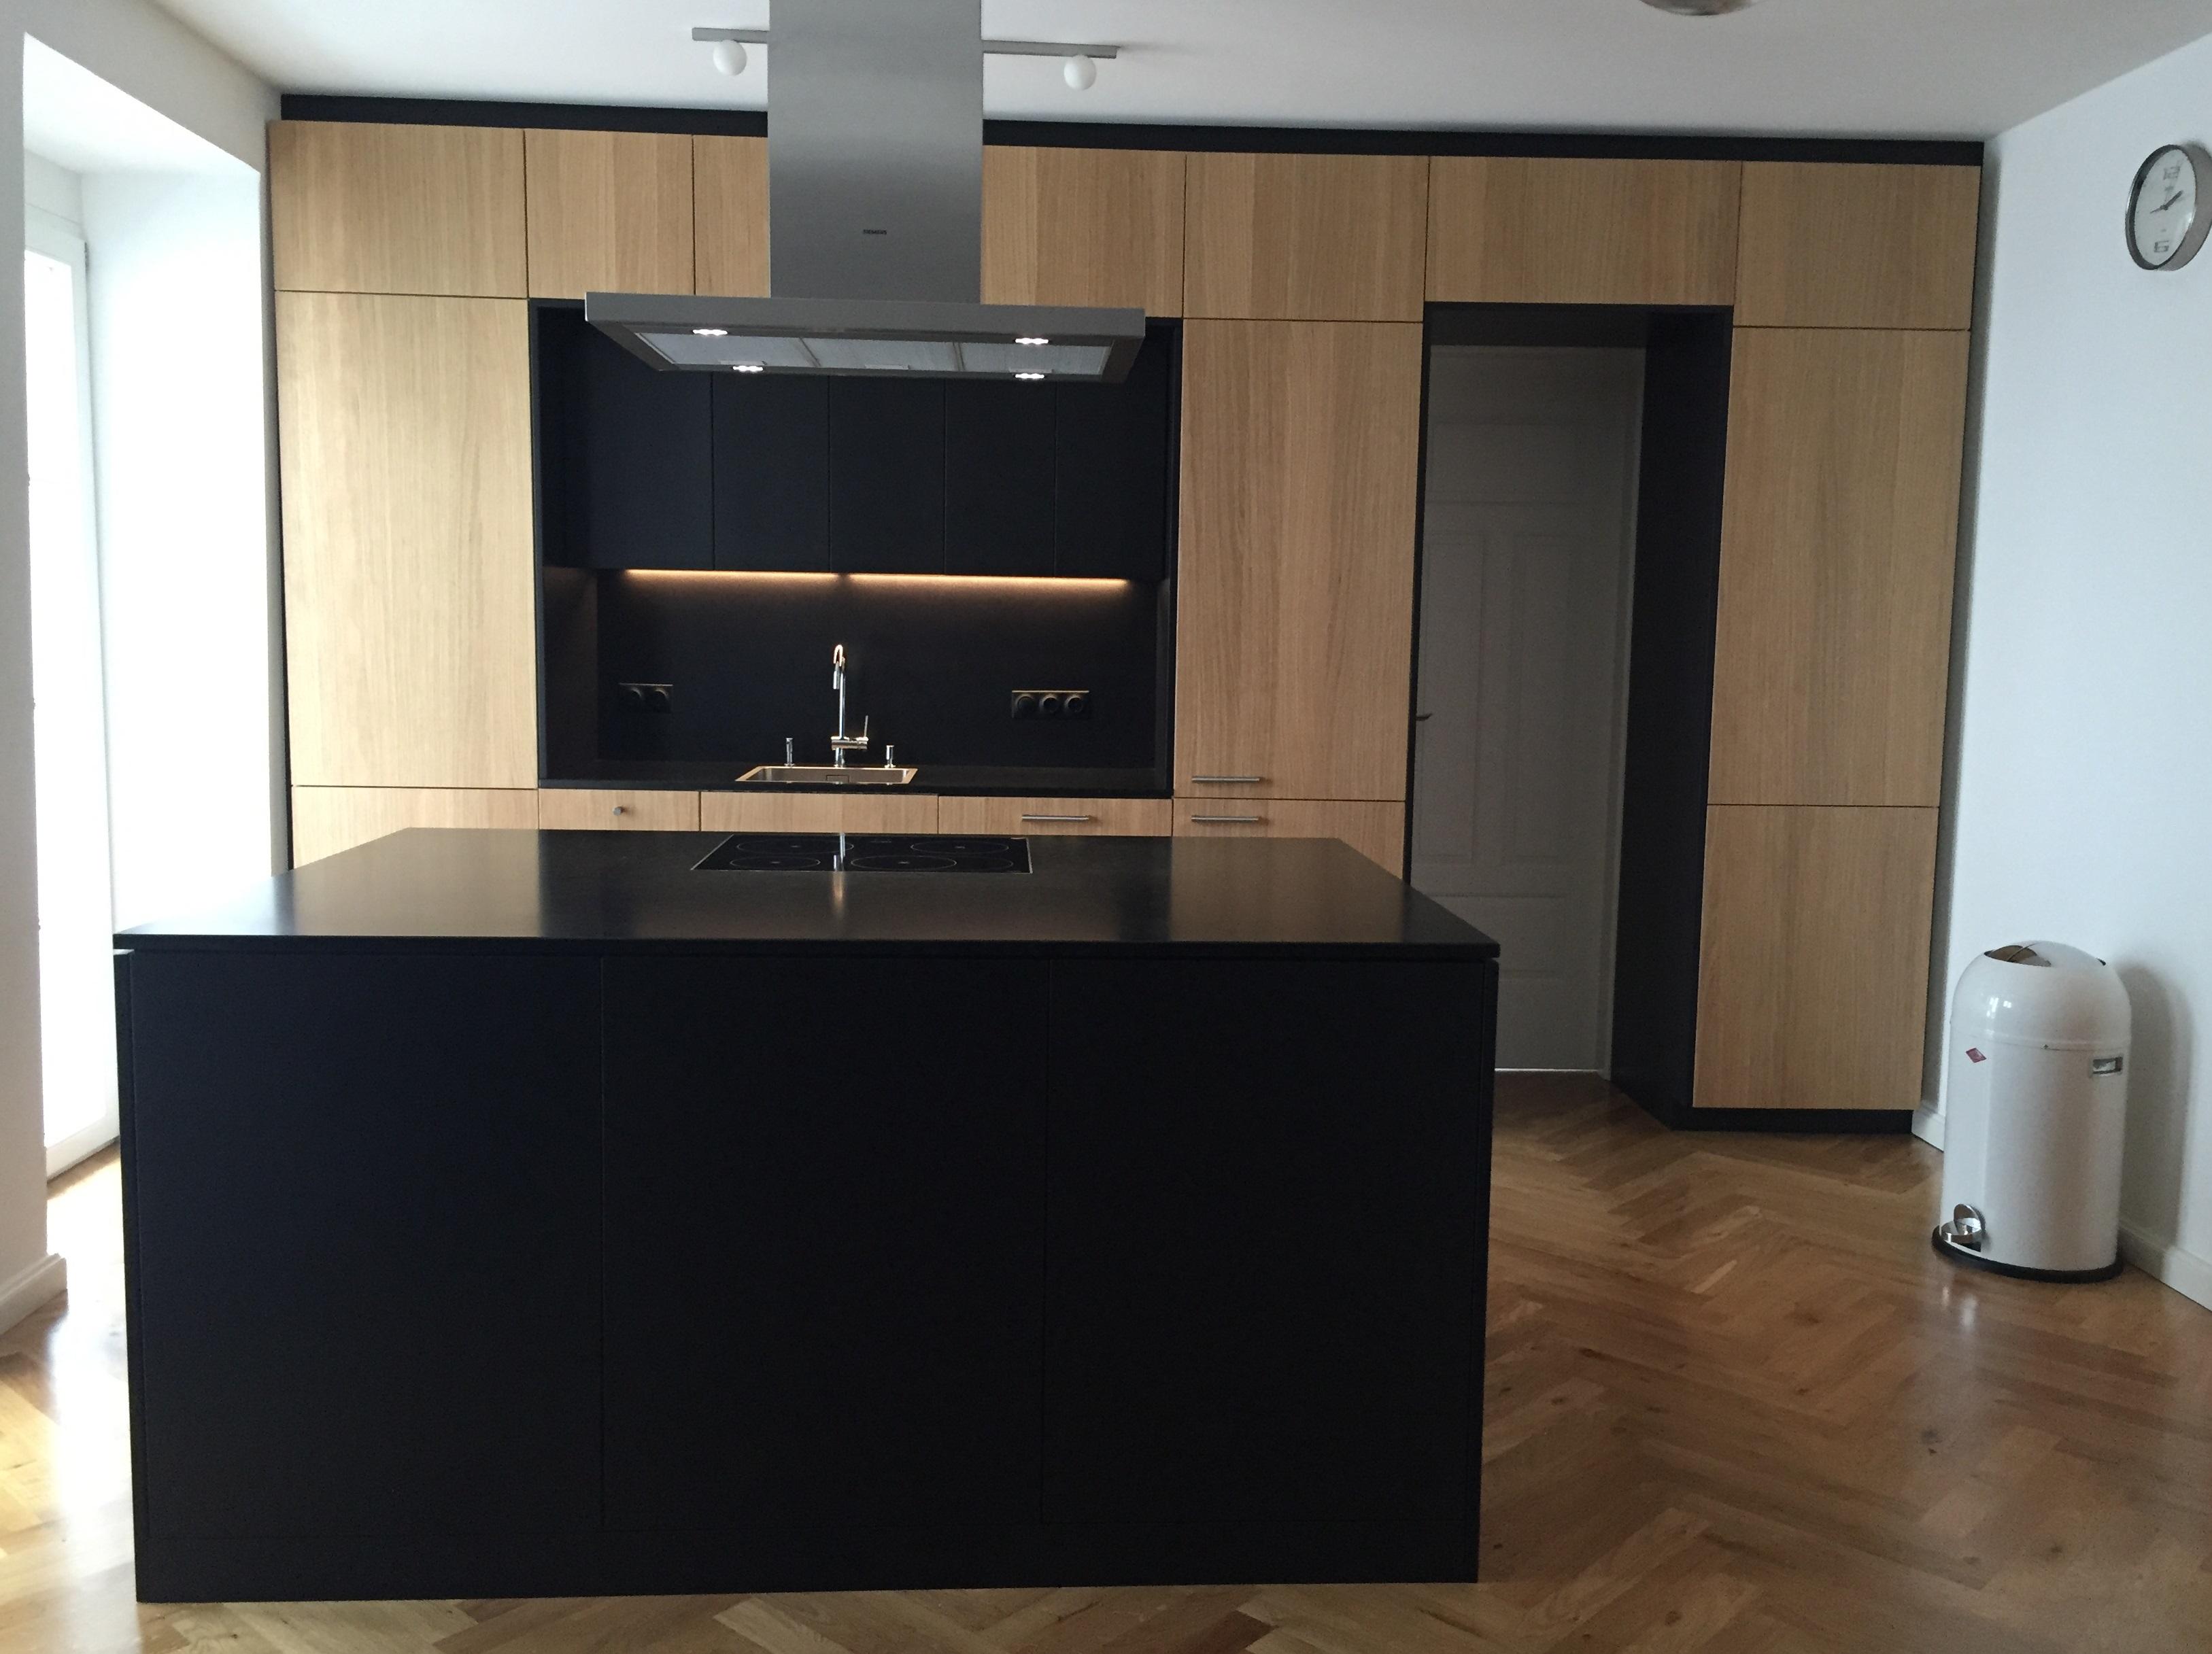 ikea hack k che. Black Bedroom Furniture Sets. Home Design Ideas